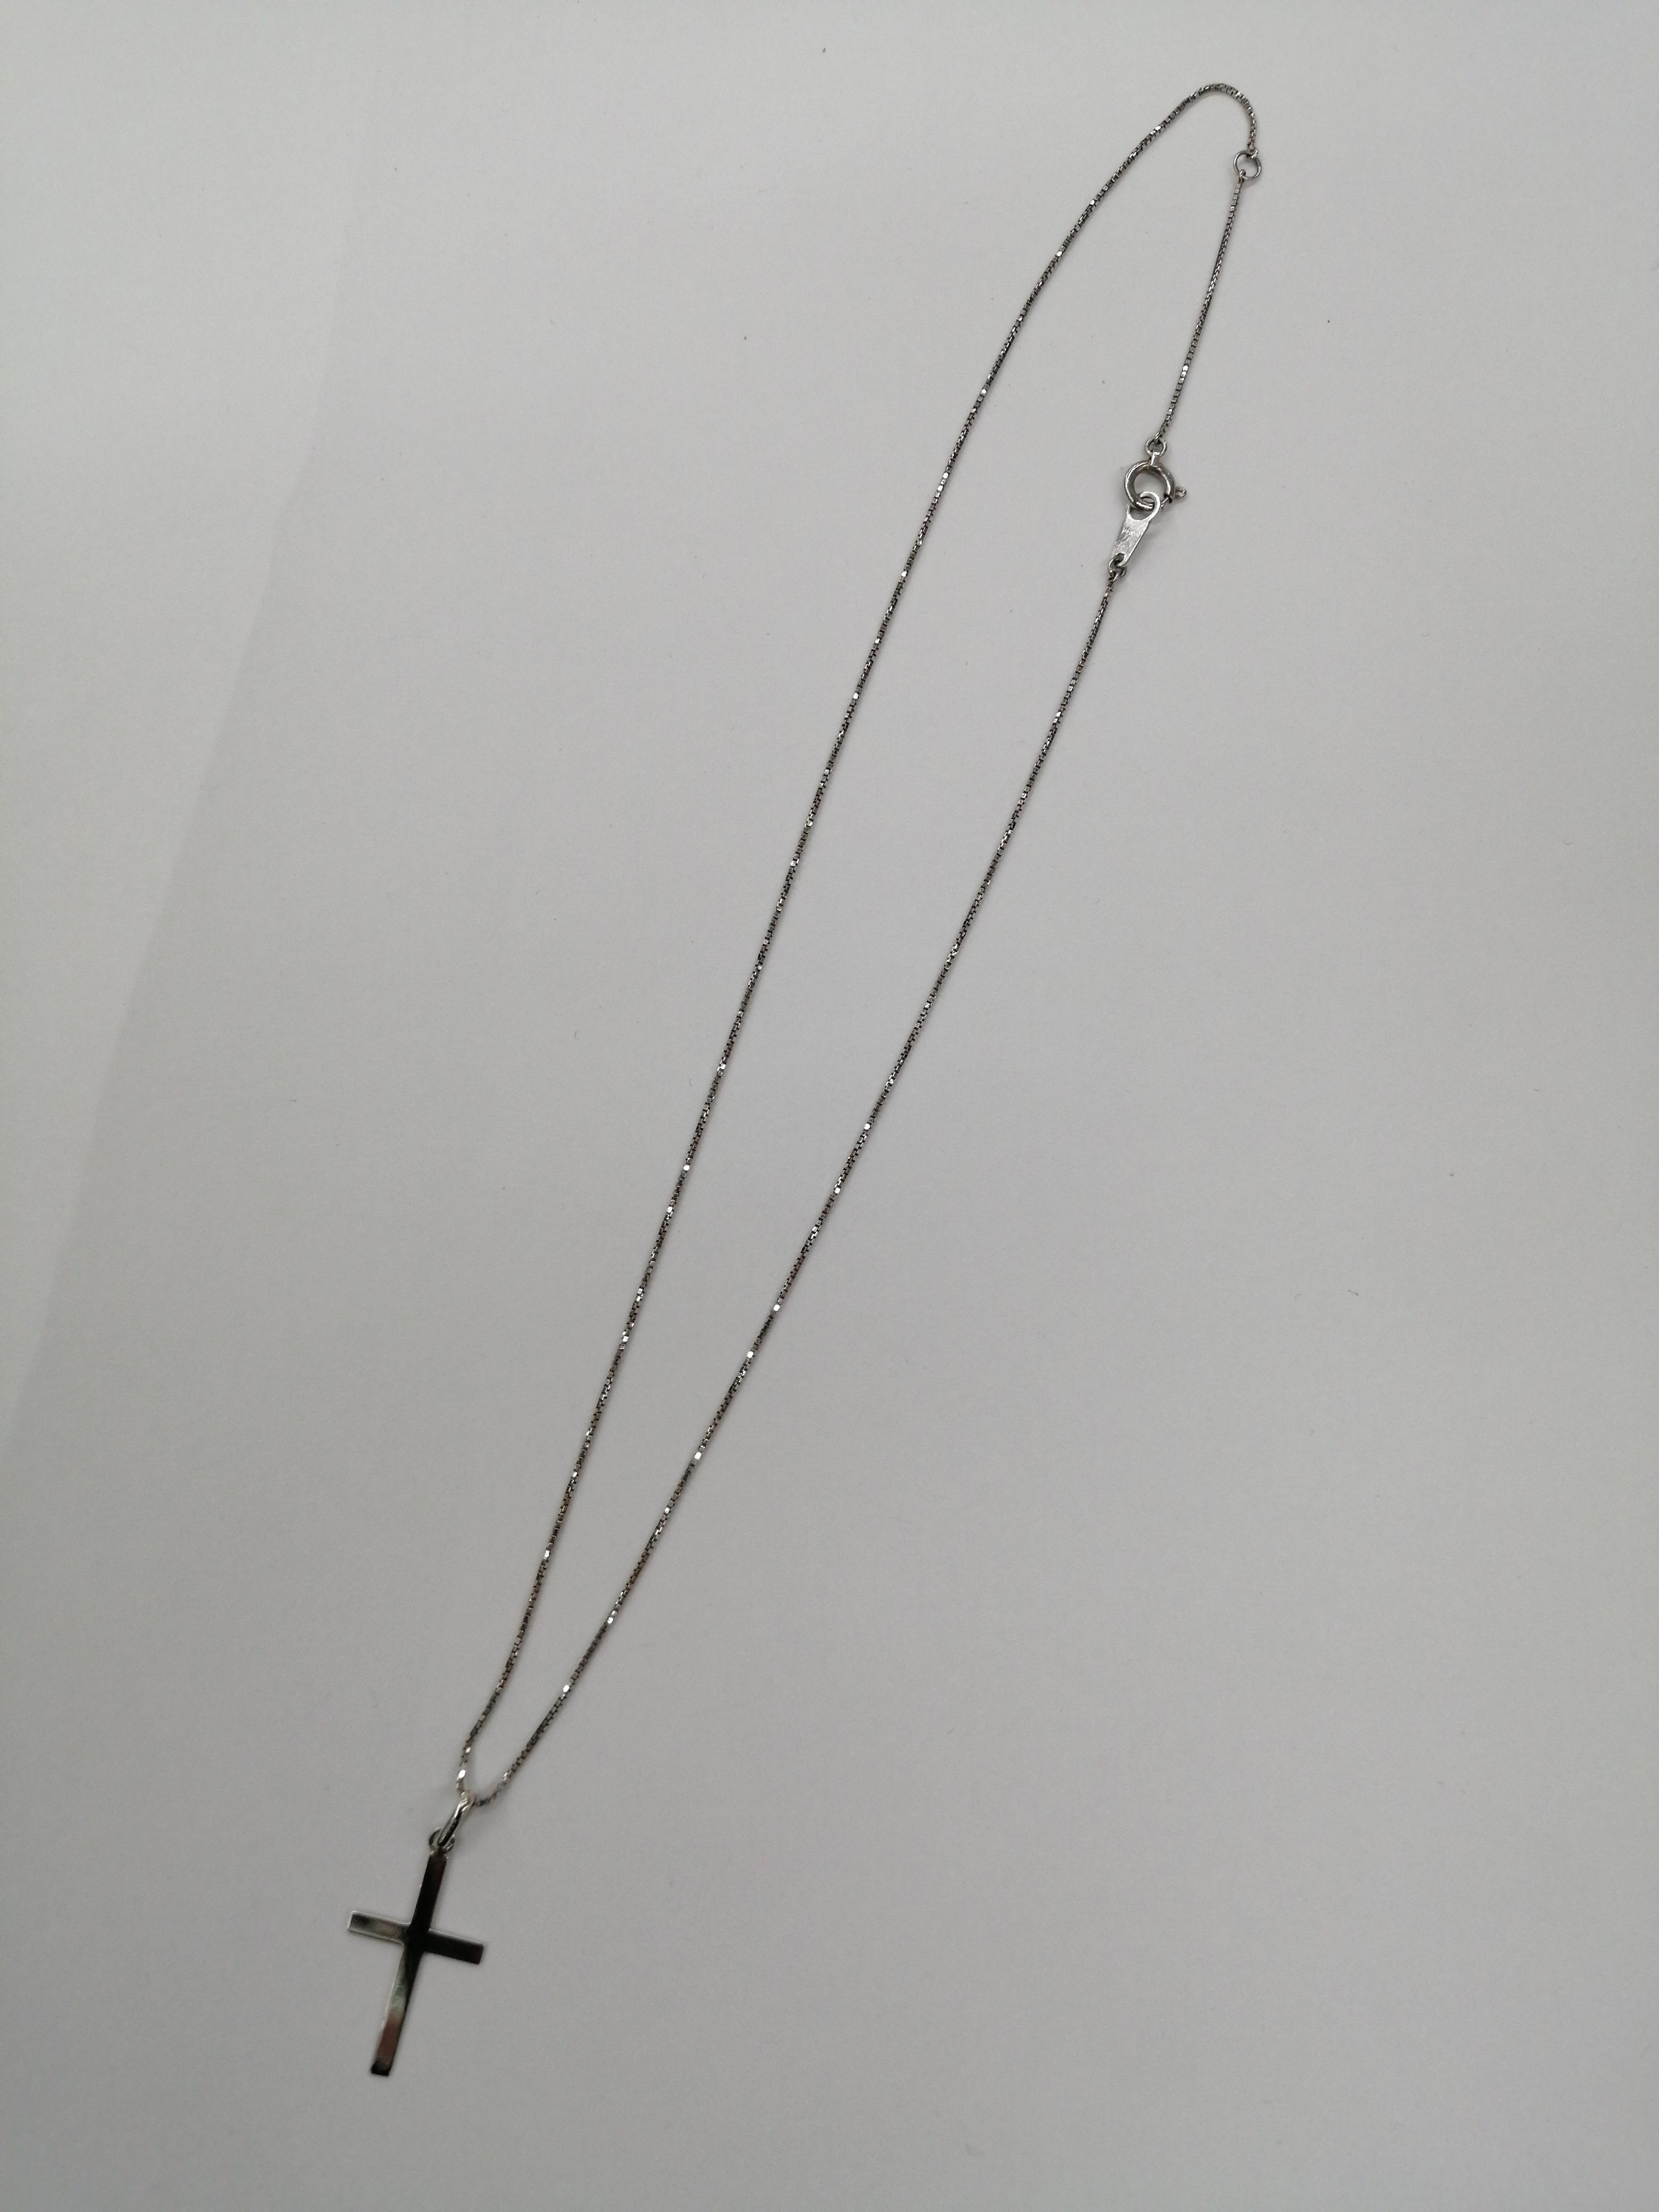 PT850ネックレスPT900トップ|宝石無しネックレス